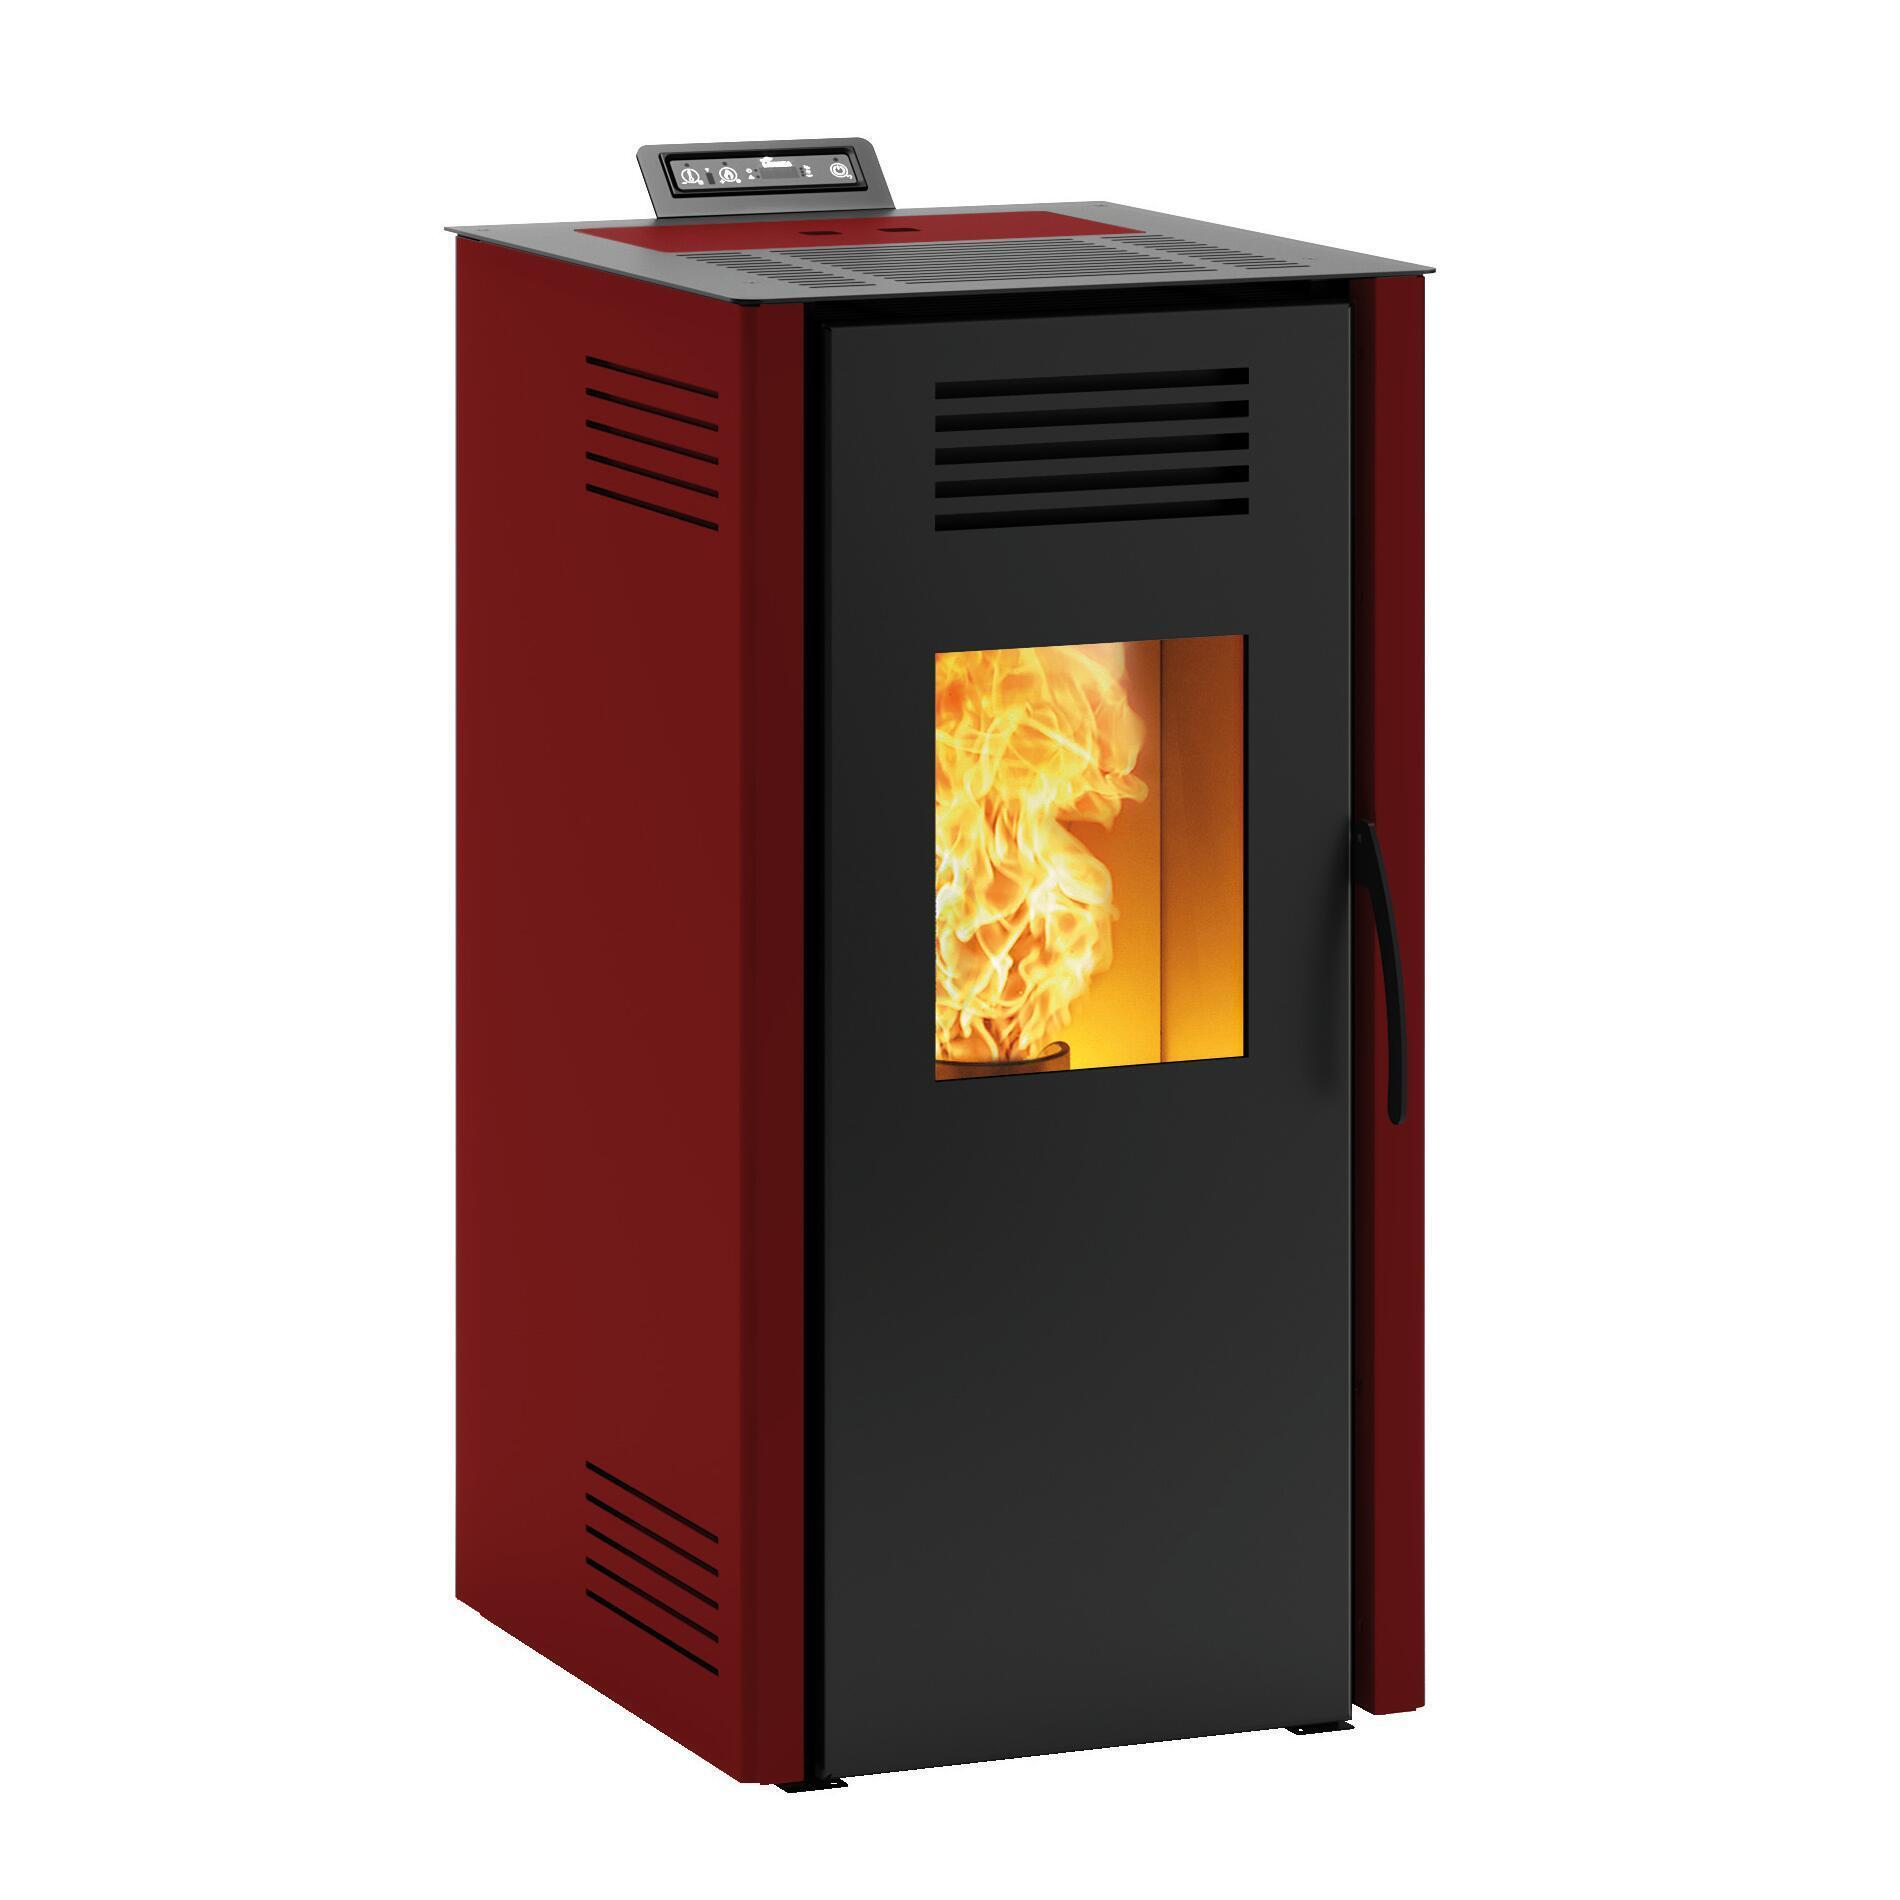 Stufa a pellet ventilata Vieste 7.3 kW bordeaux - 3